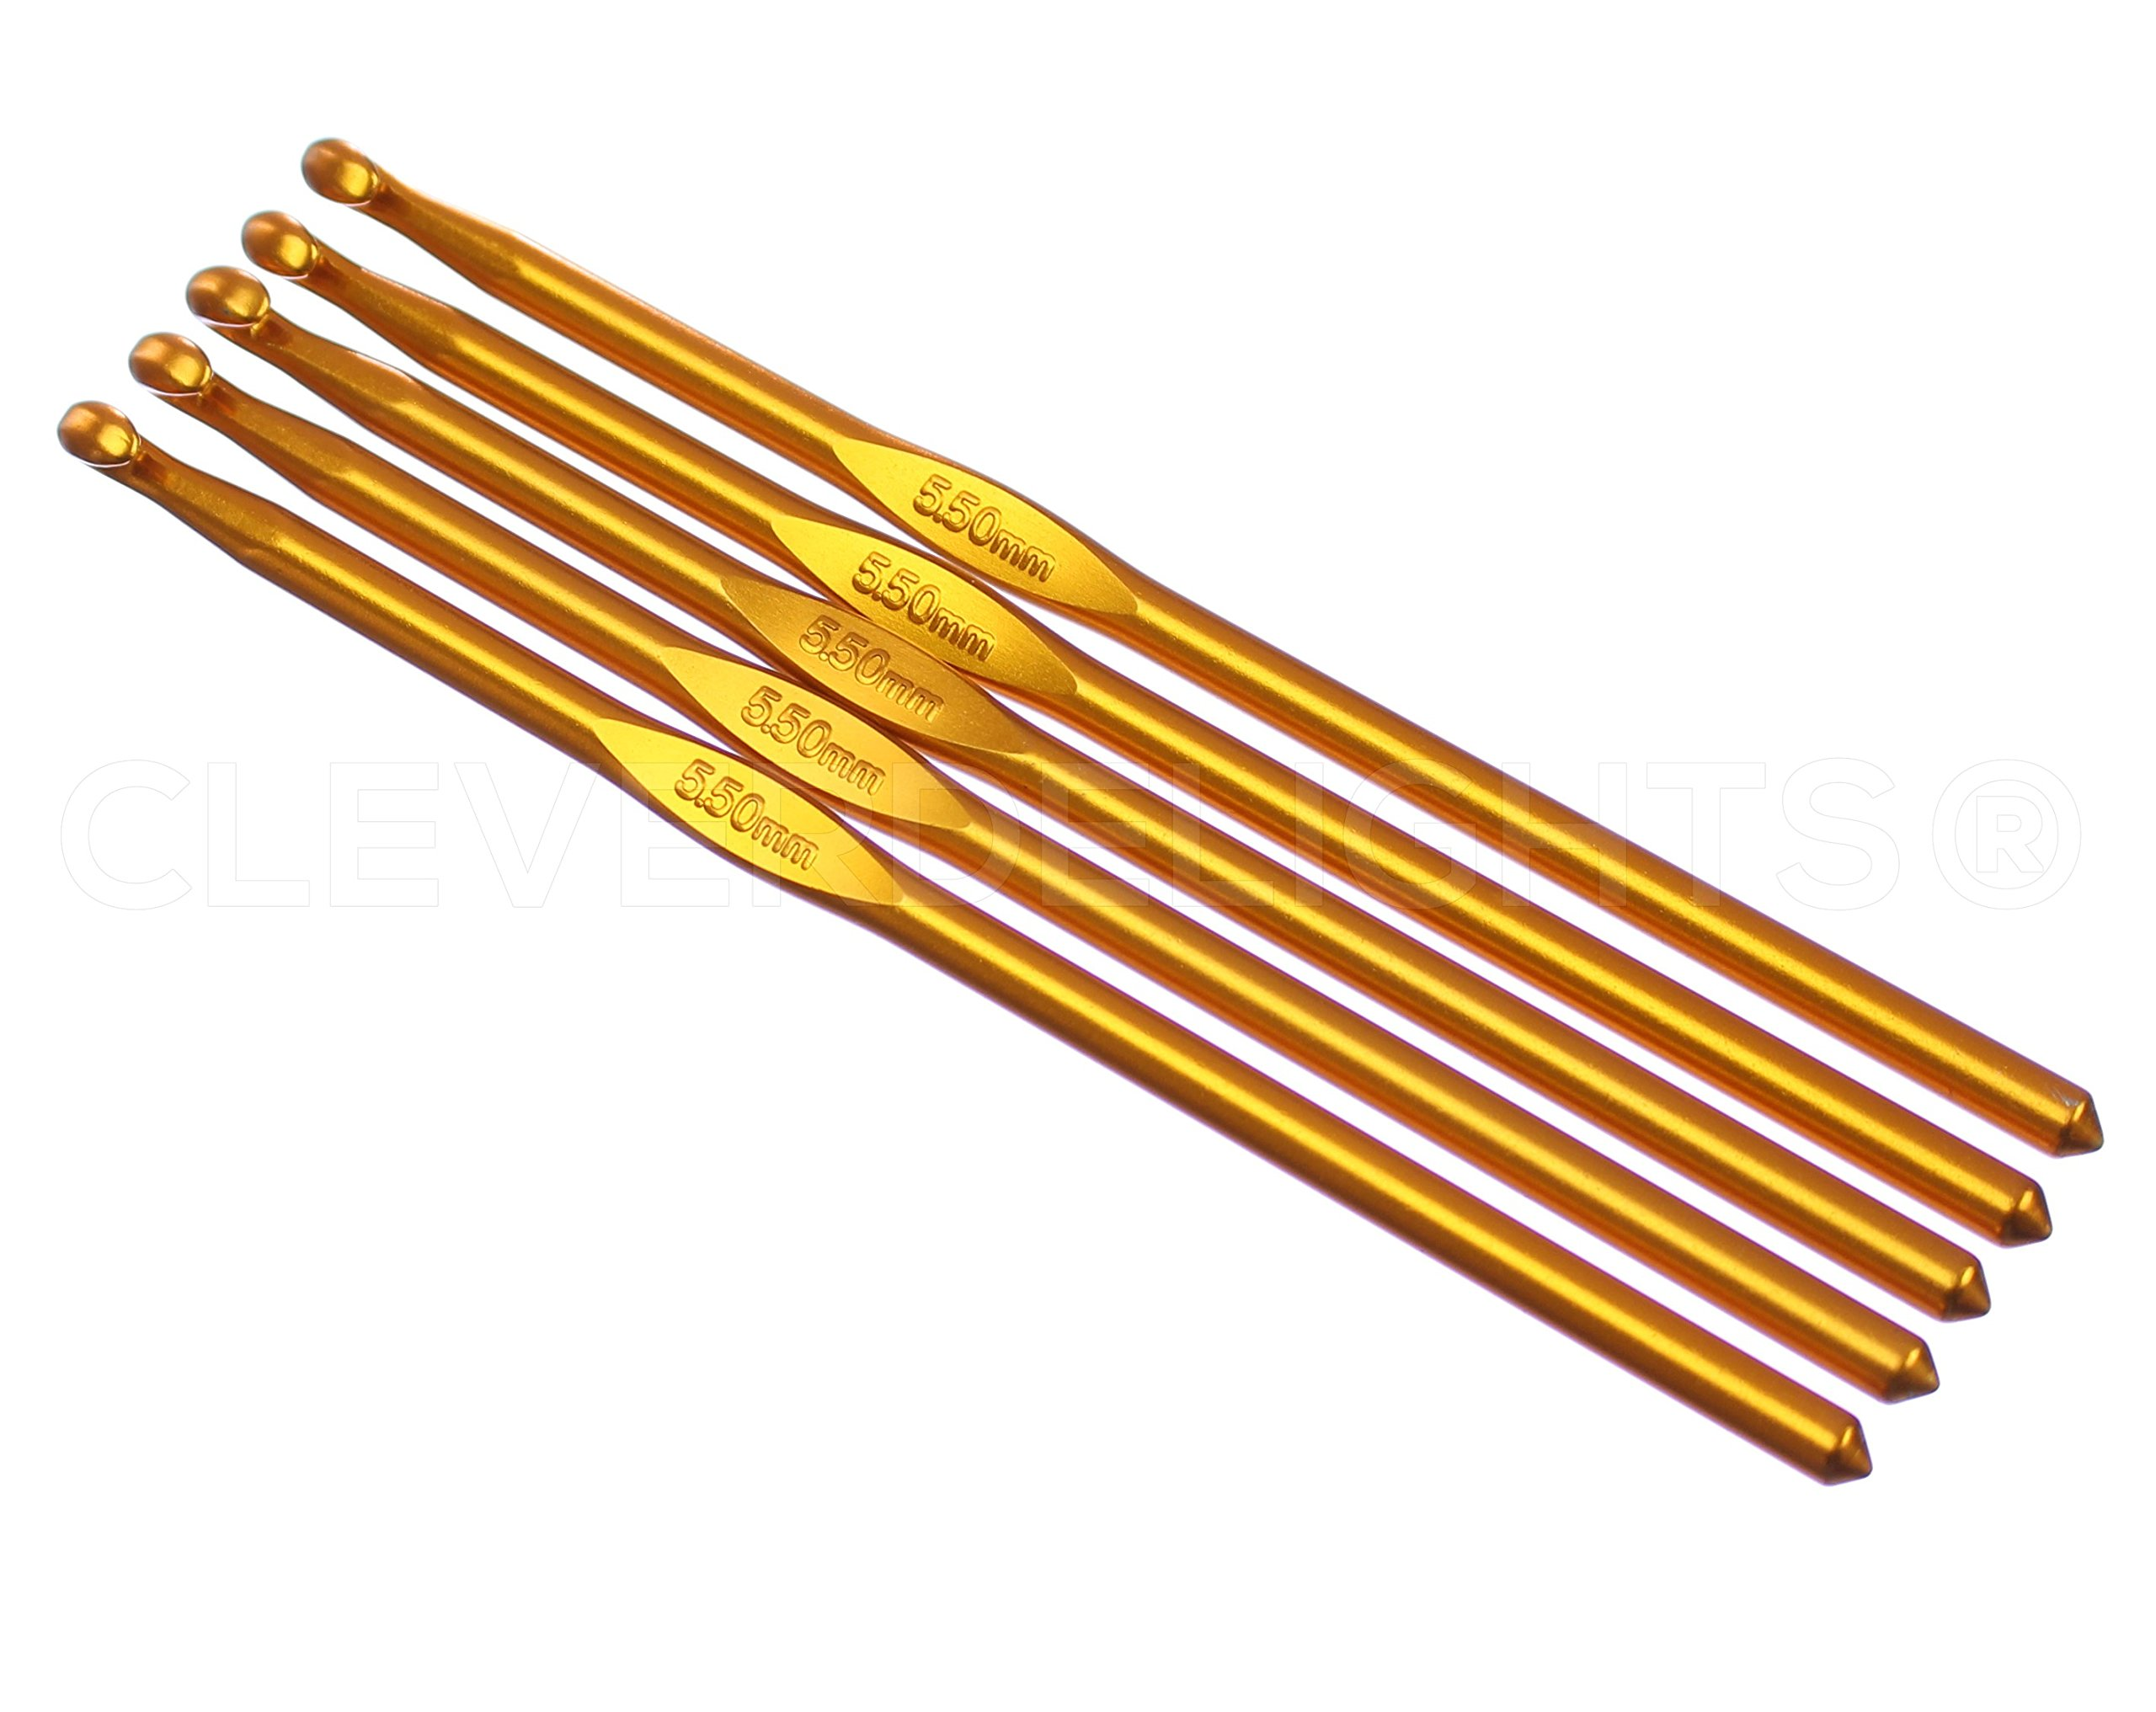 10 Pack - CleverDelights Size I (Size 9) Aluminum Crochet Hooks - 6'' Length - 5.5mm Diameter - Knitting